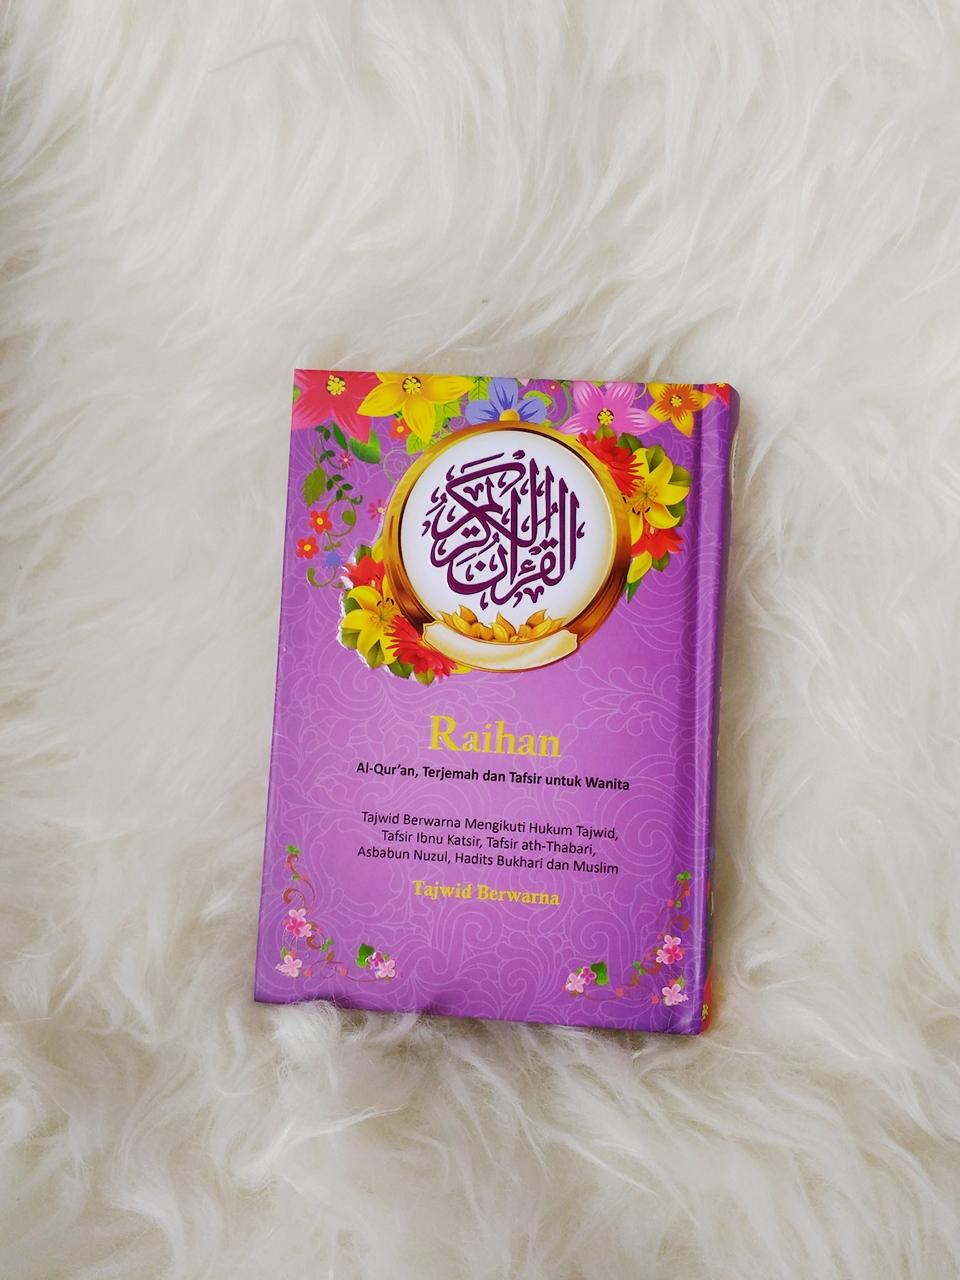 AlQuran-Mushaf-Raihan-Hard-Cover-3.jpg